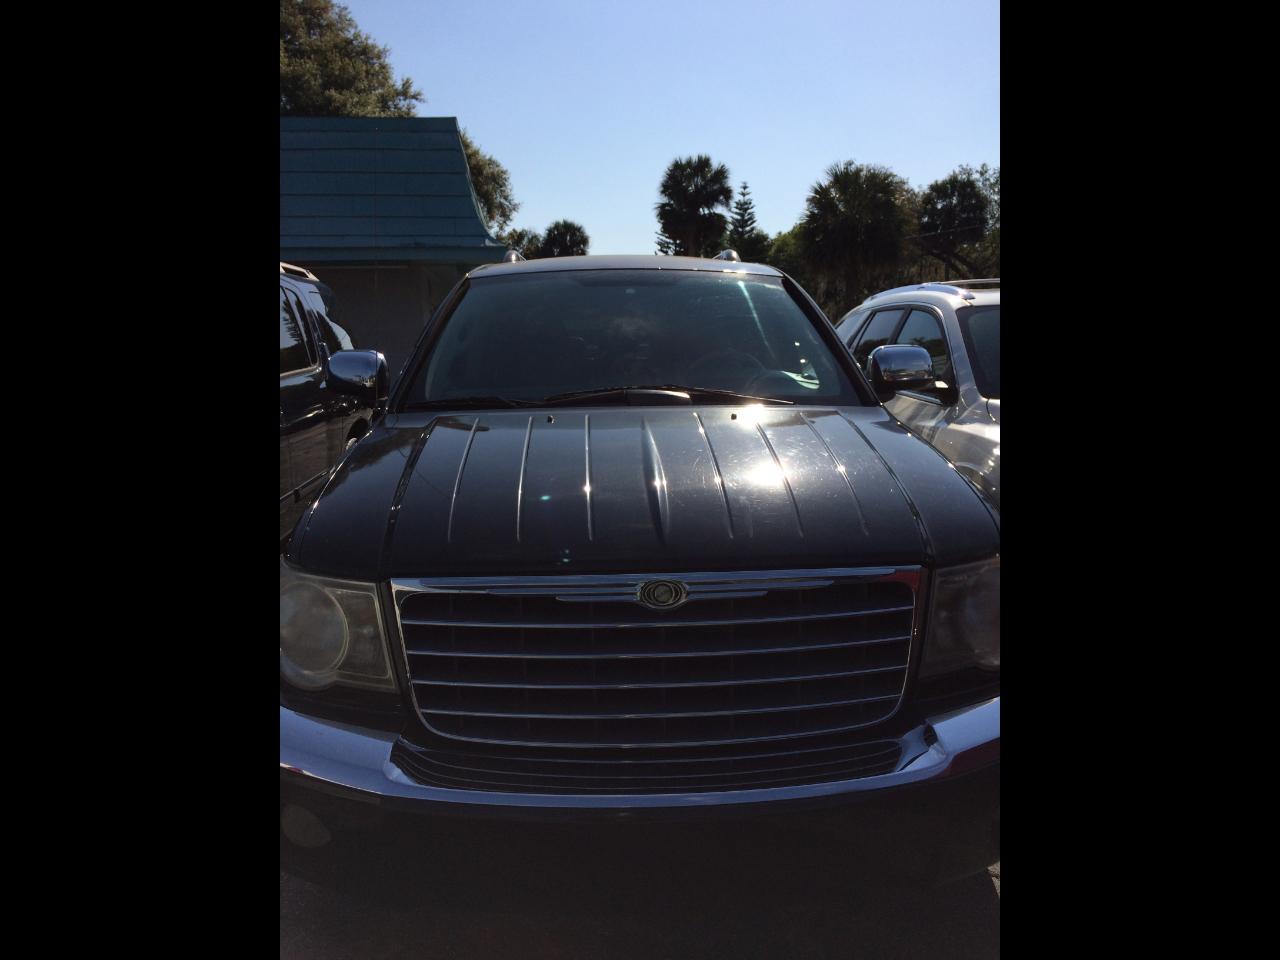 2007 Chrysler Aspen 2WD 4dr Limited